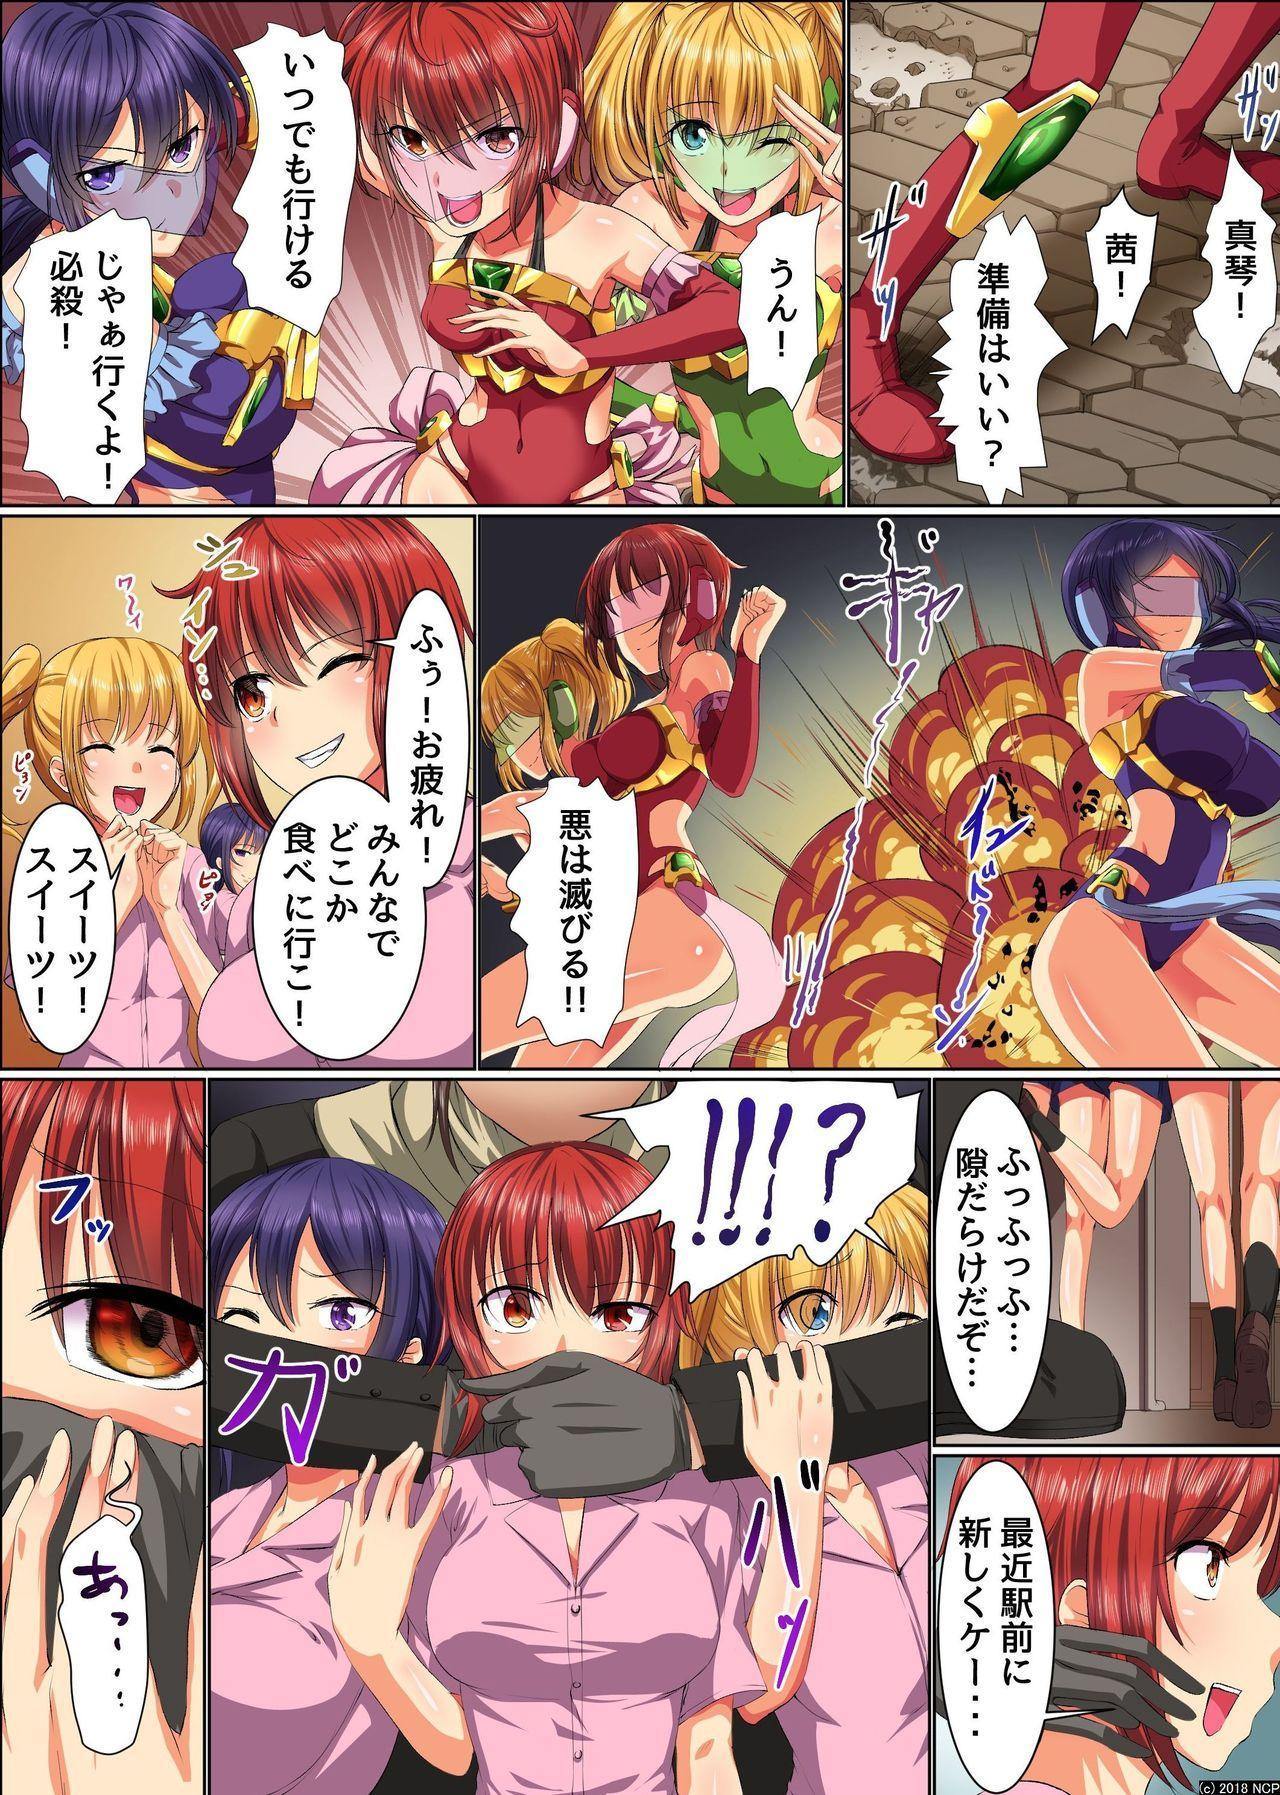 Henshin Heroine Shokushu Zeme ~ Kikaijikake no Kairaku Jigoku Ochi 5